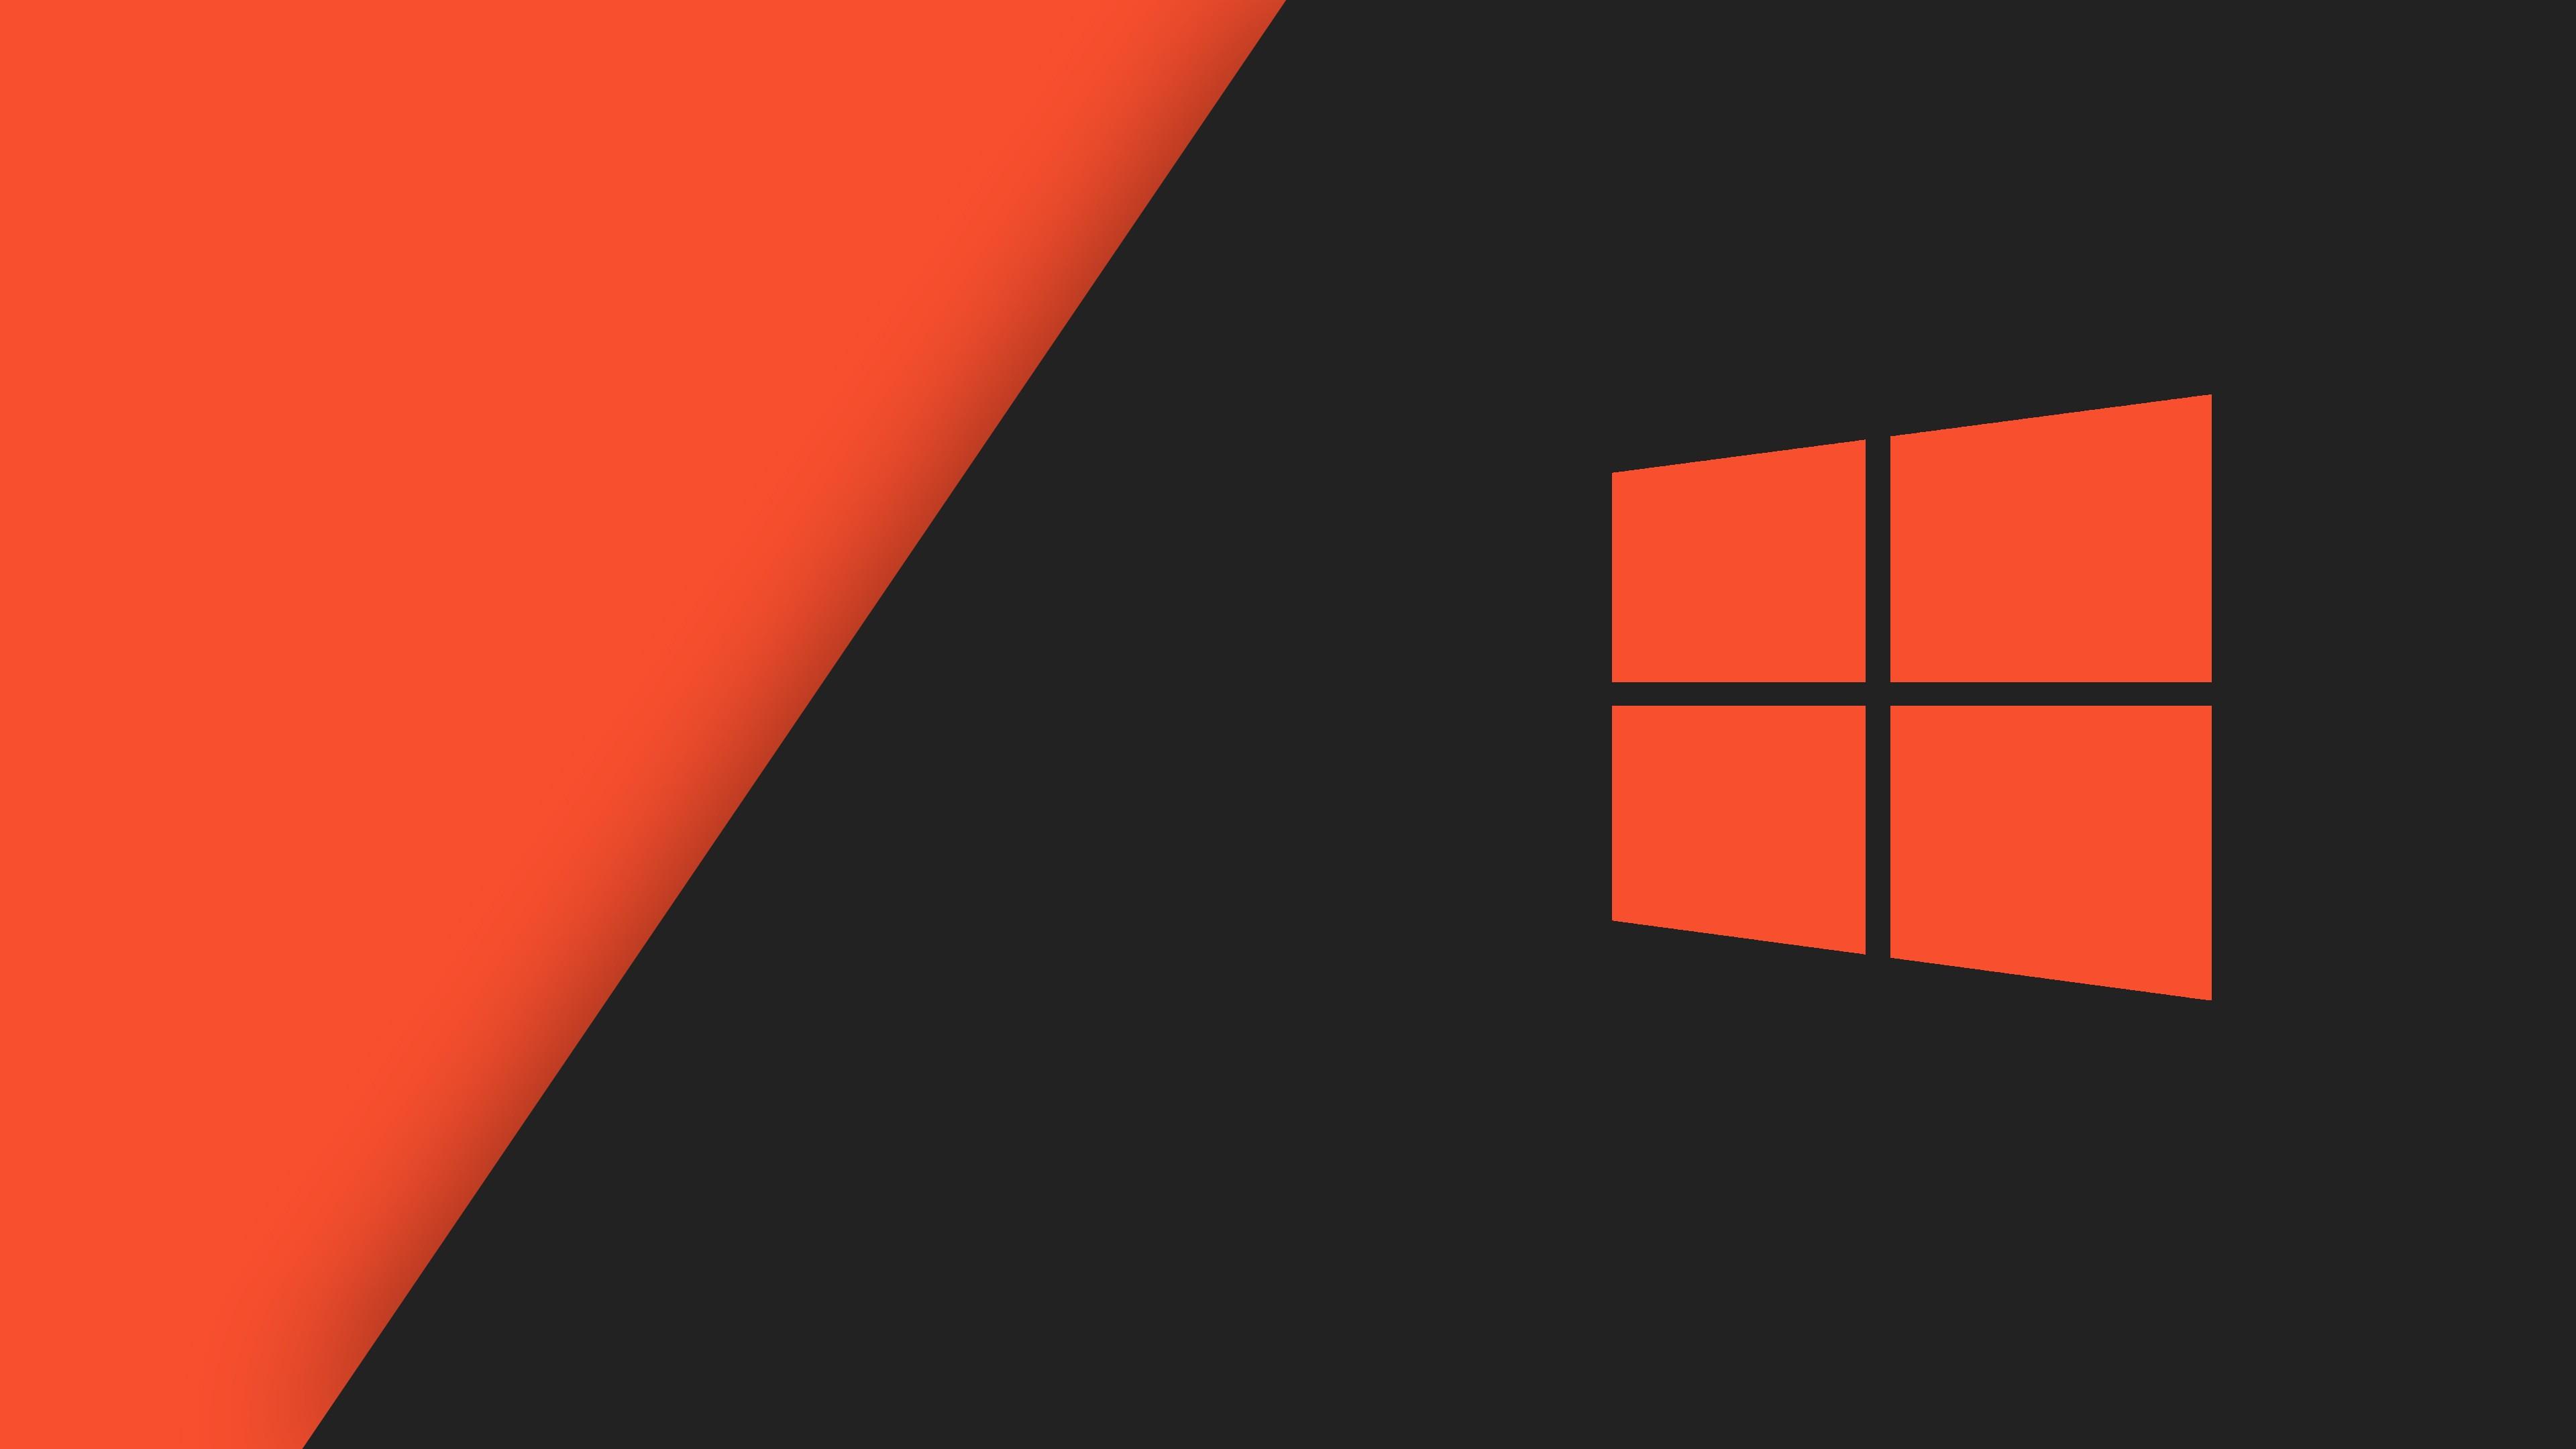 Windows 10 Orange Stock